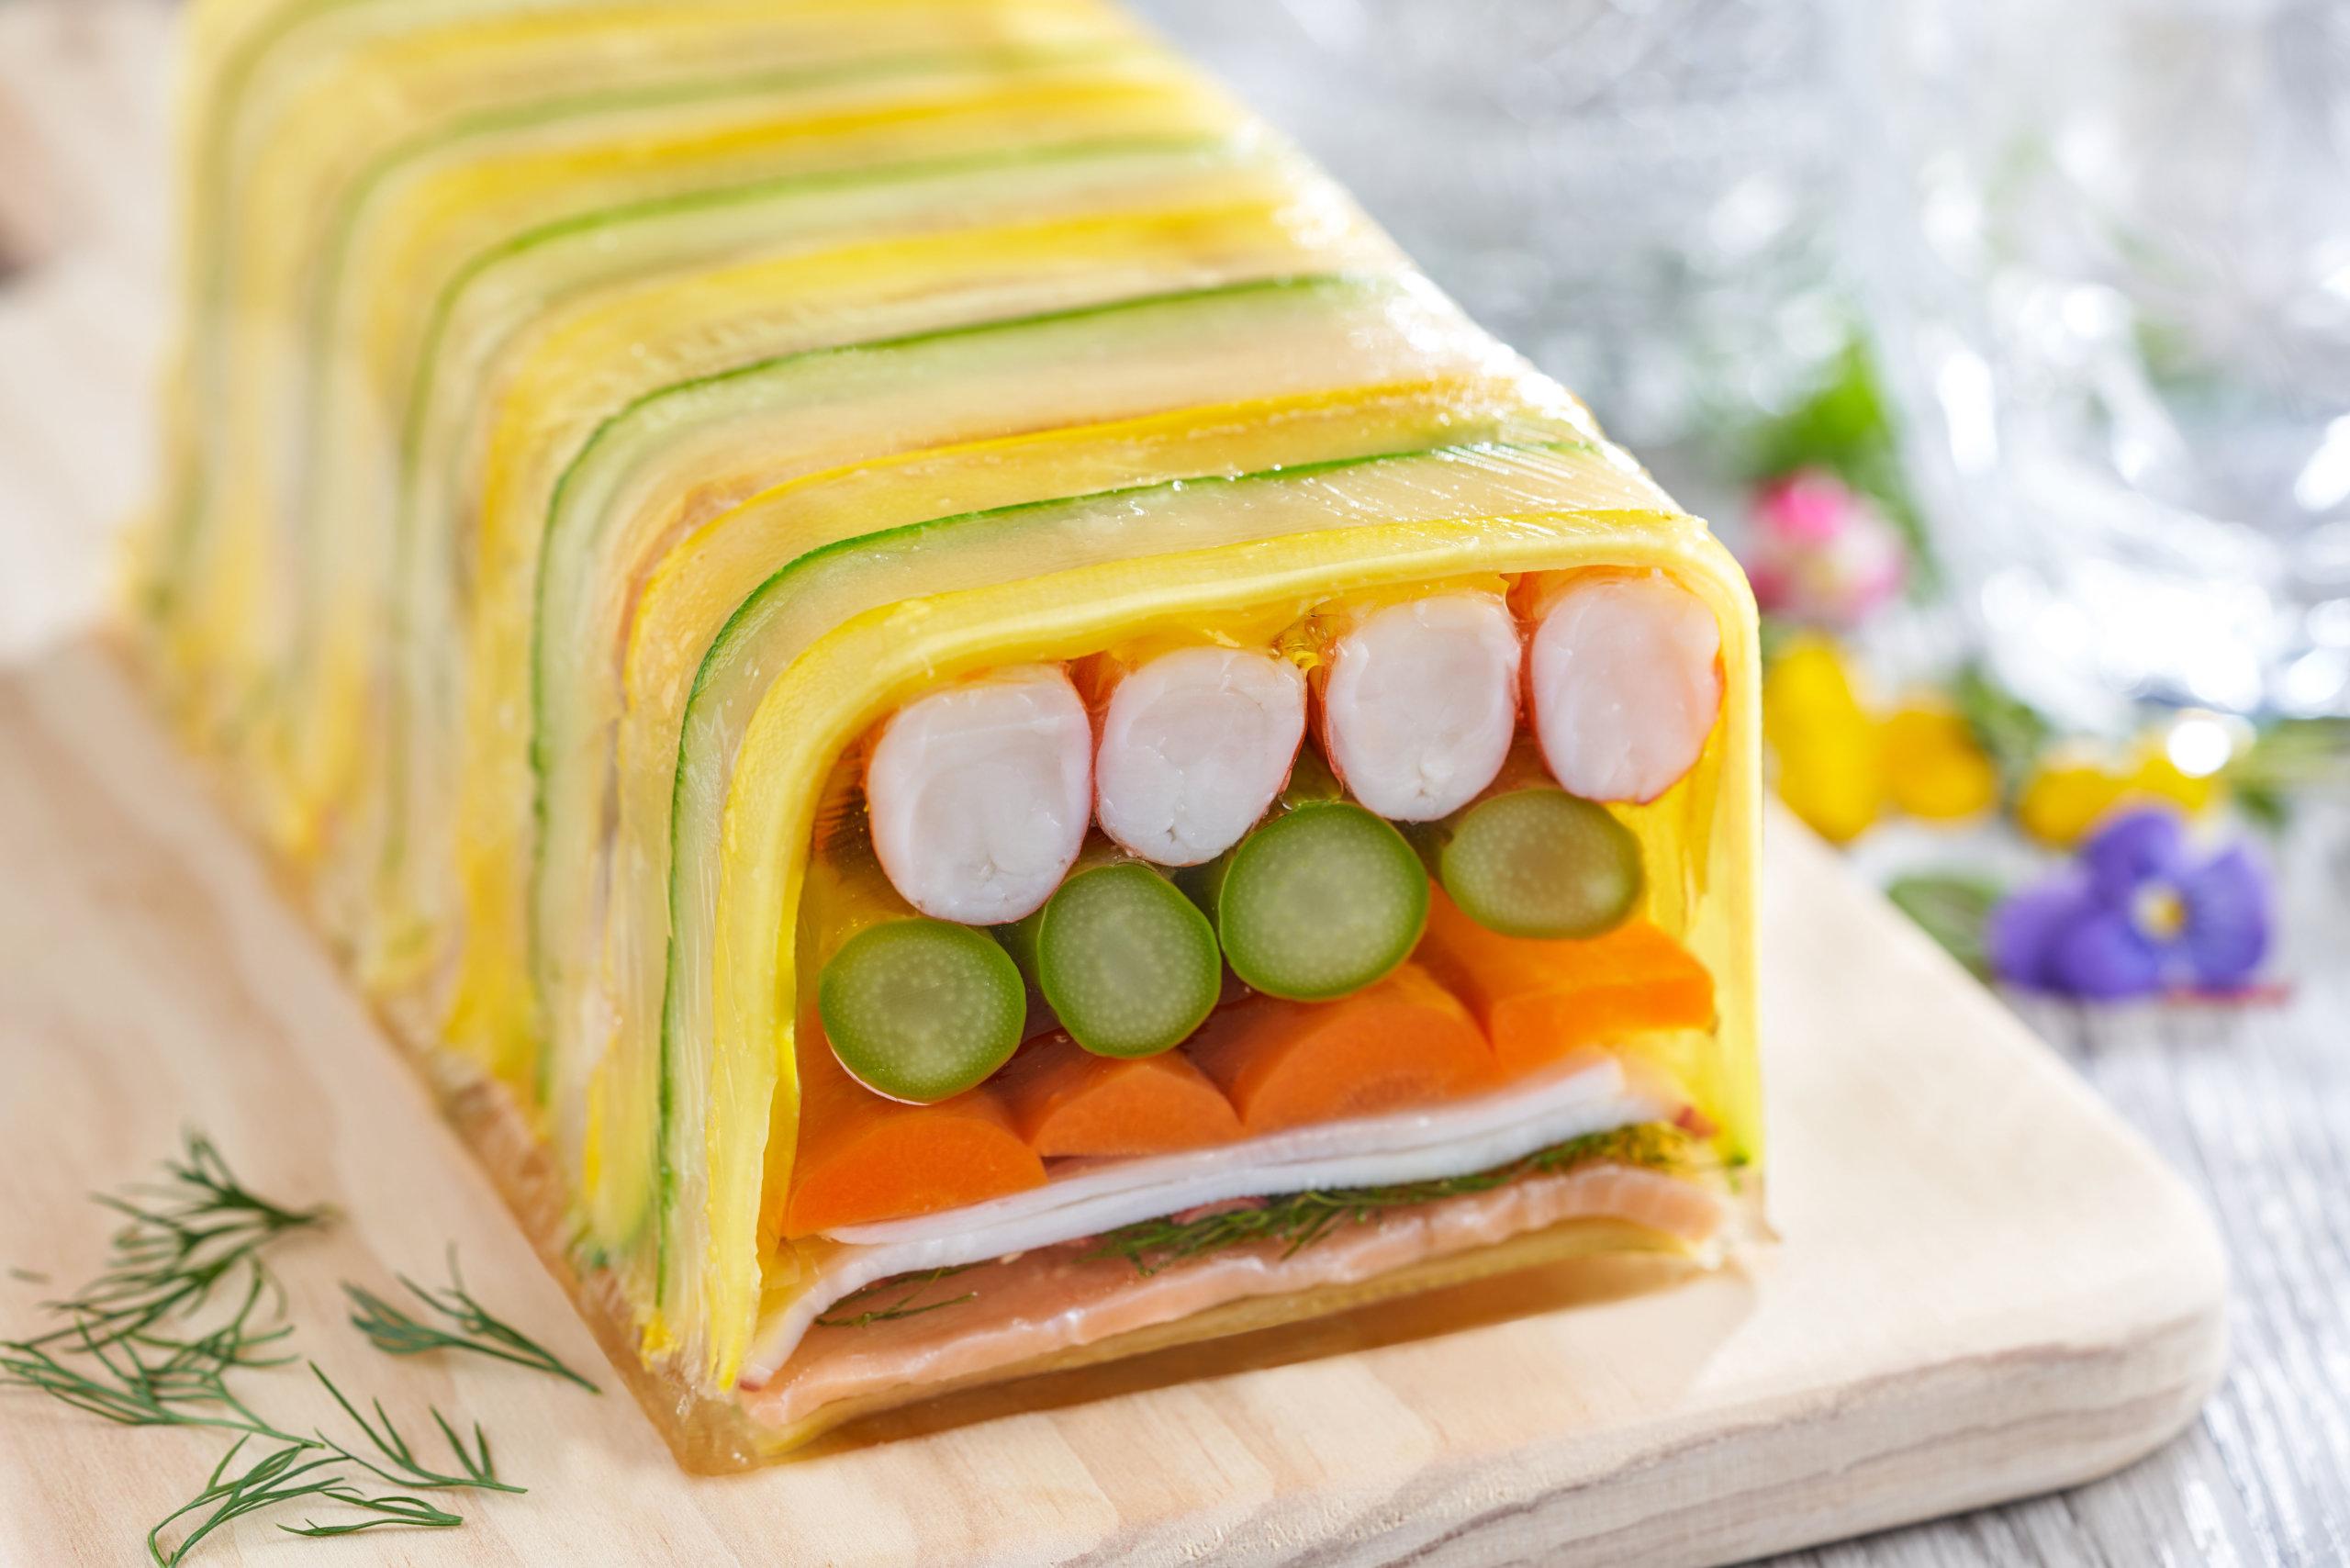 前菜海鮮批有由蝦肉、八爪魚肉、煙三文魚及多種蔬果疊成,非常醒胃。